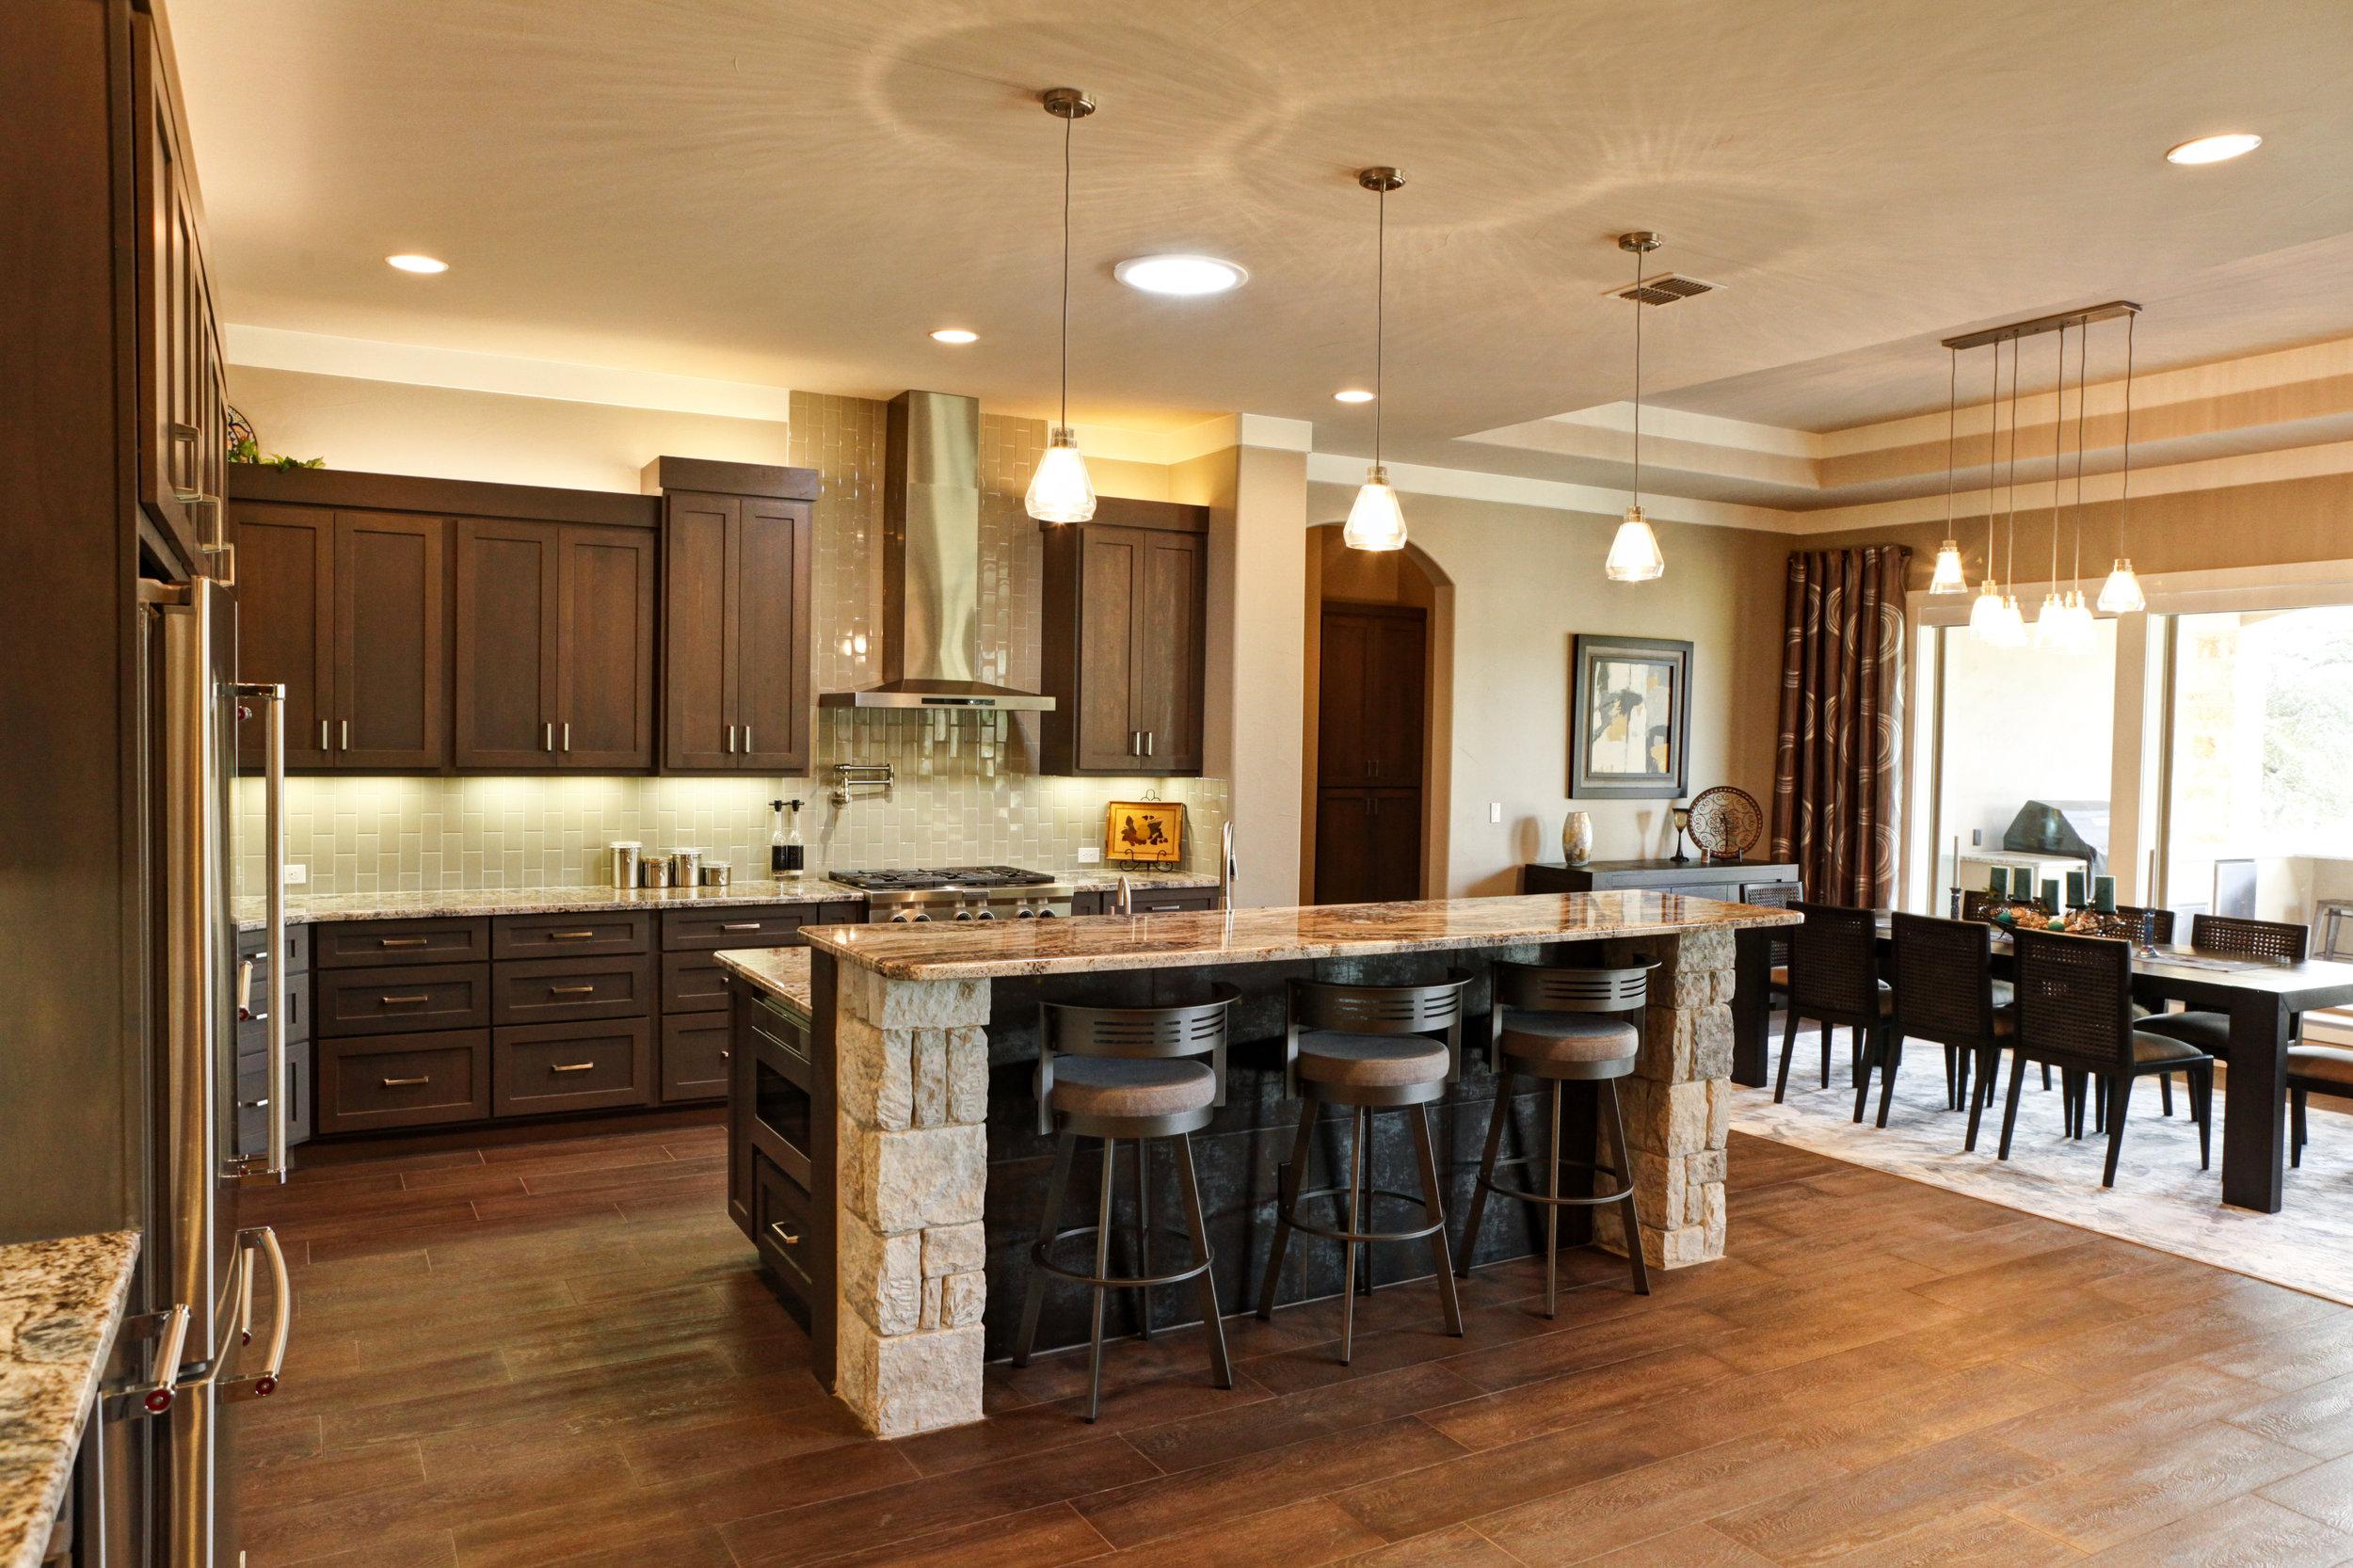 14-kitchen - 1.jpg